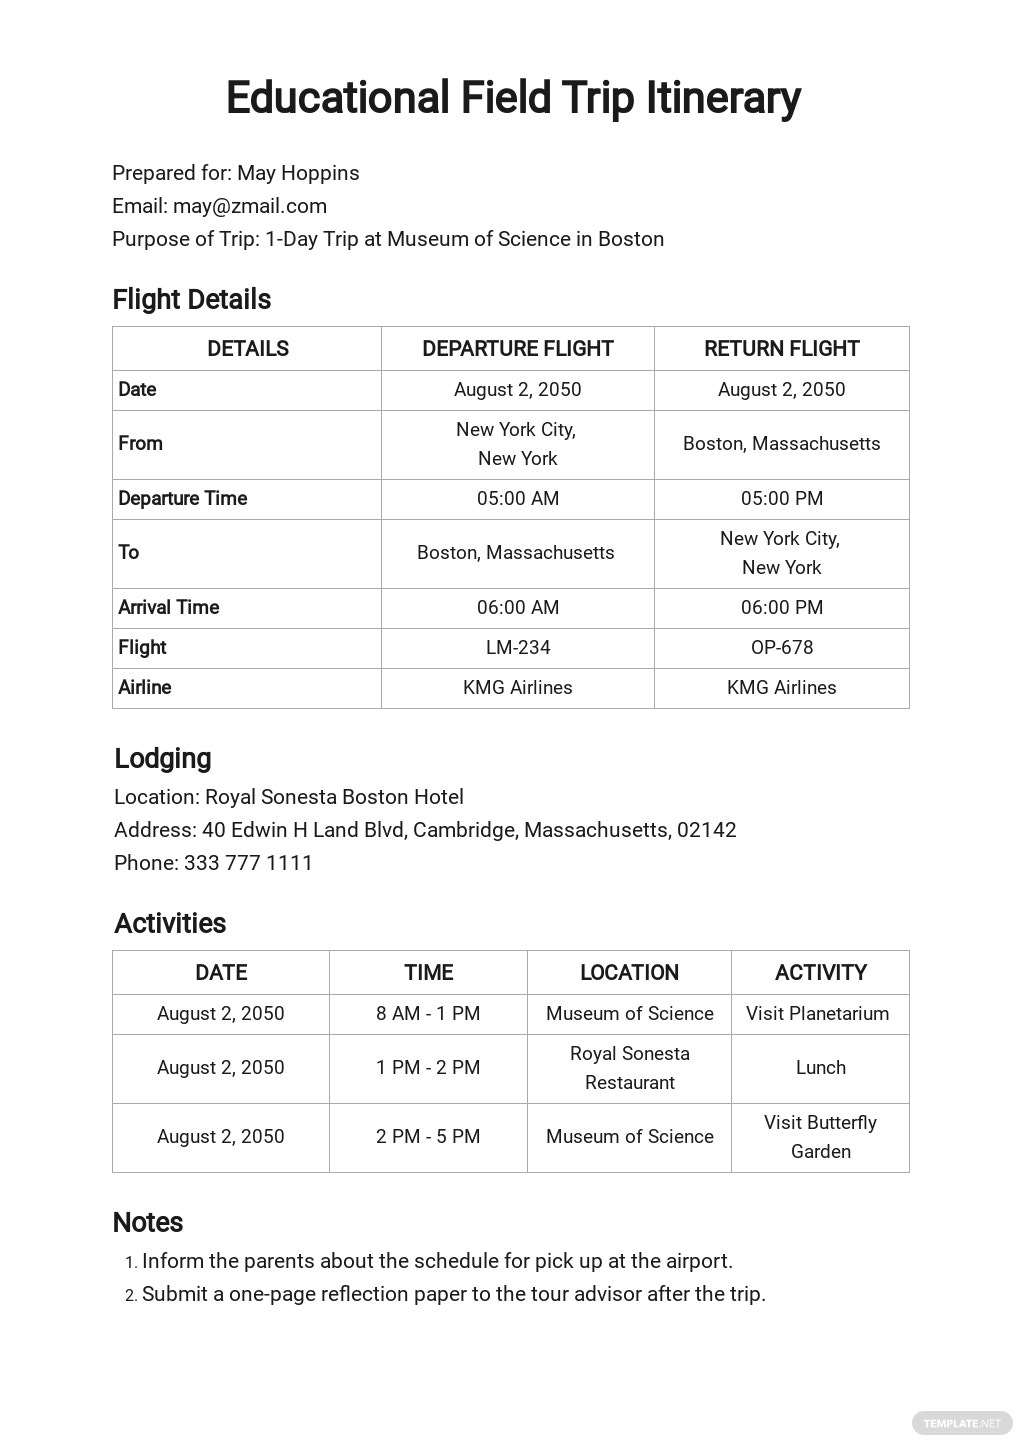 Field Trip Itinerary Template.jpe